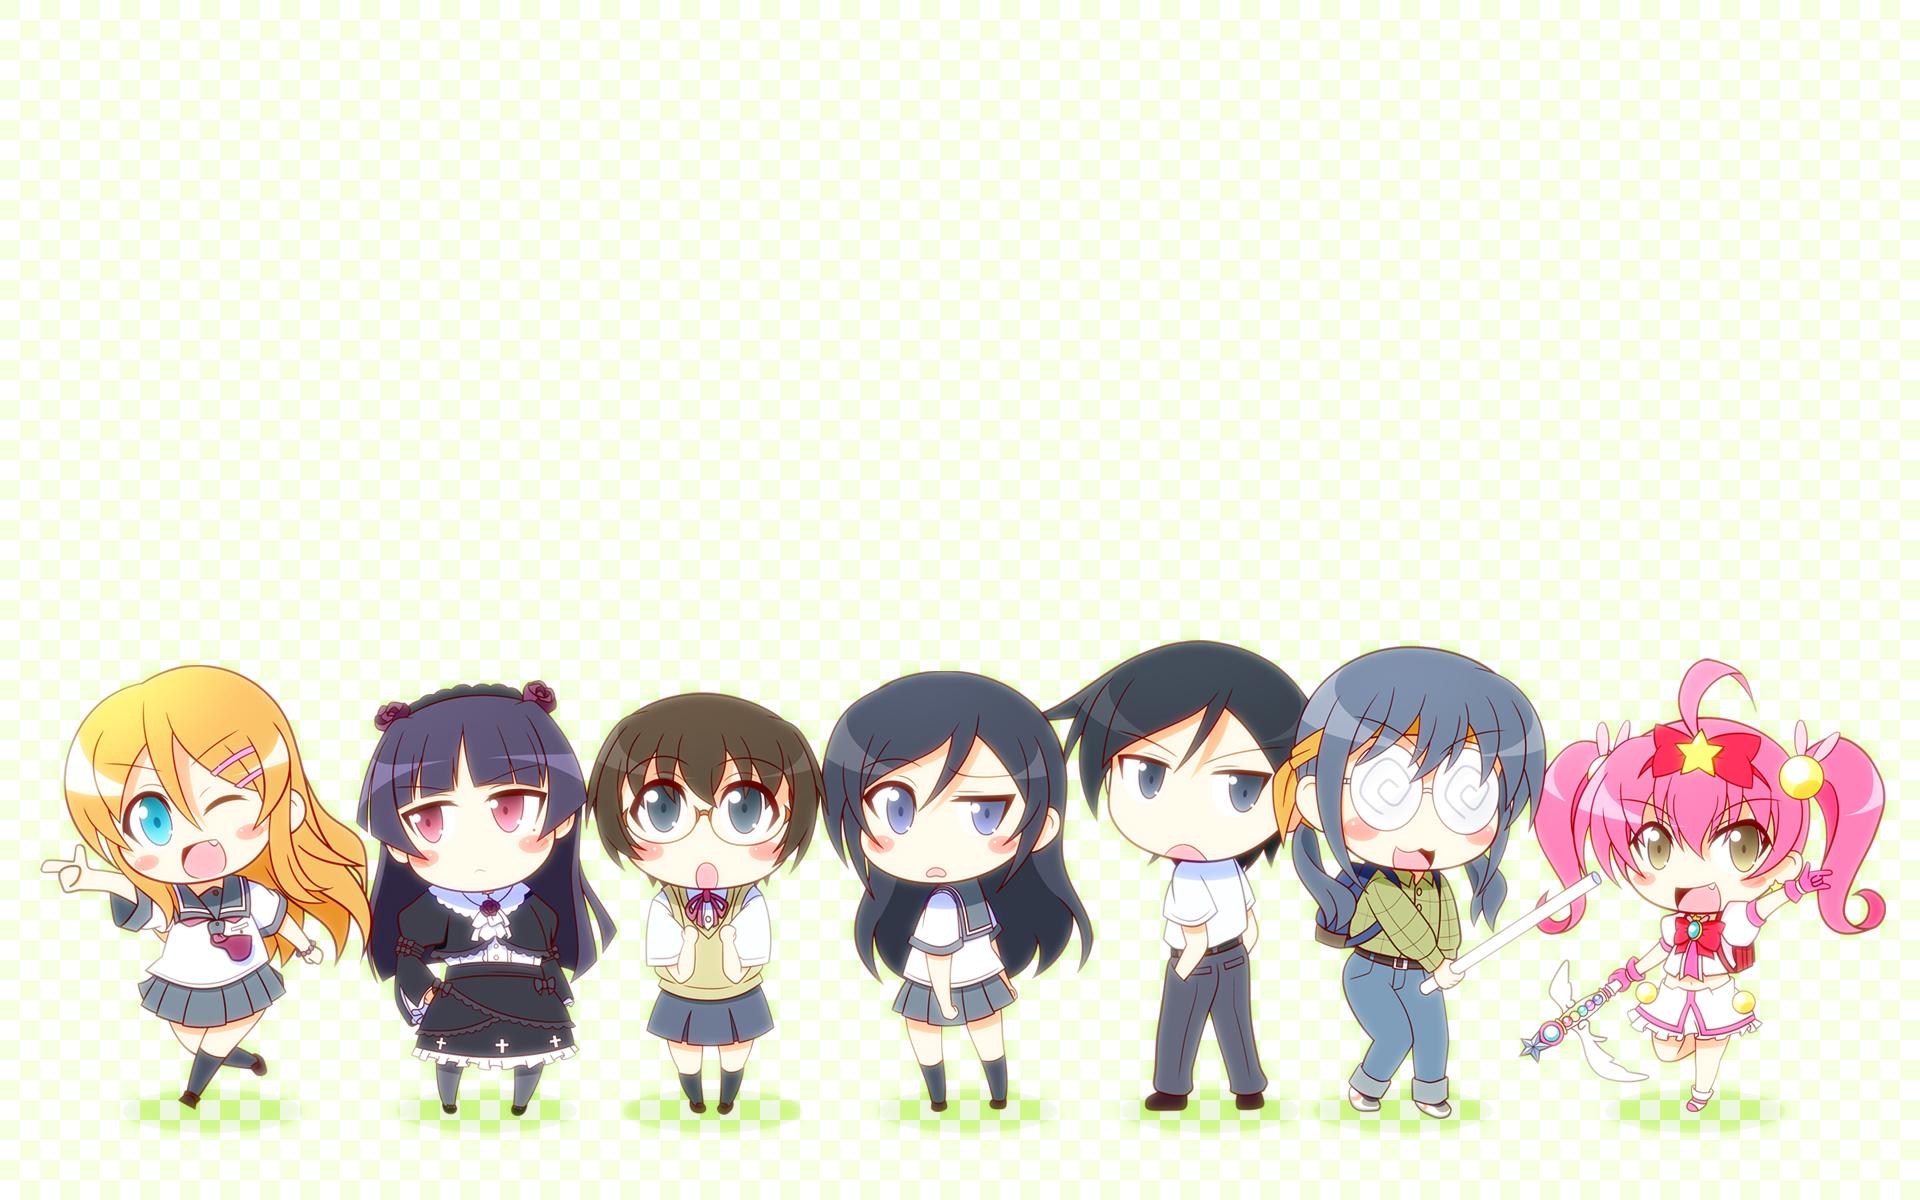 aragaki ayase chibi gokou ruri group kaleido yuki kousaka ...  aragaki ayase c...